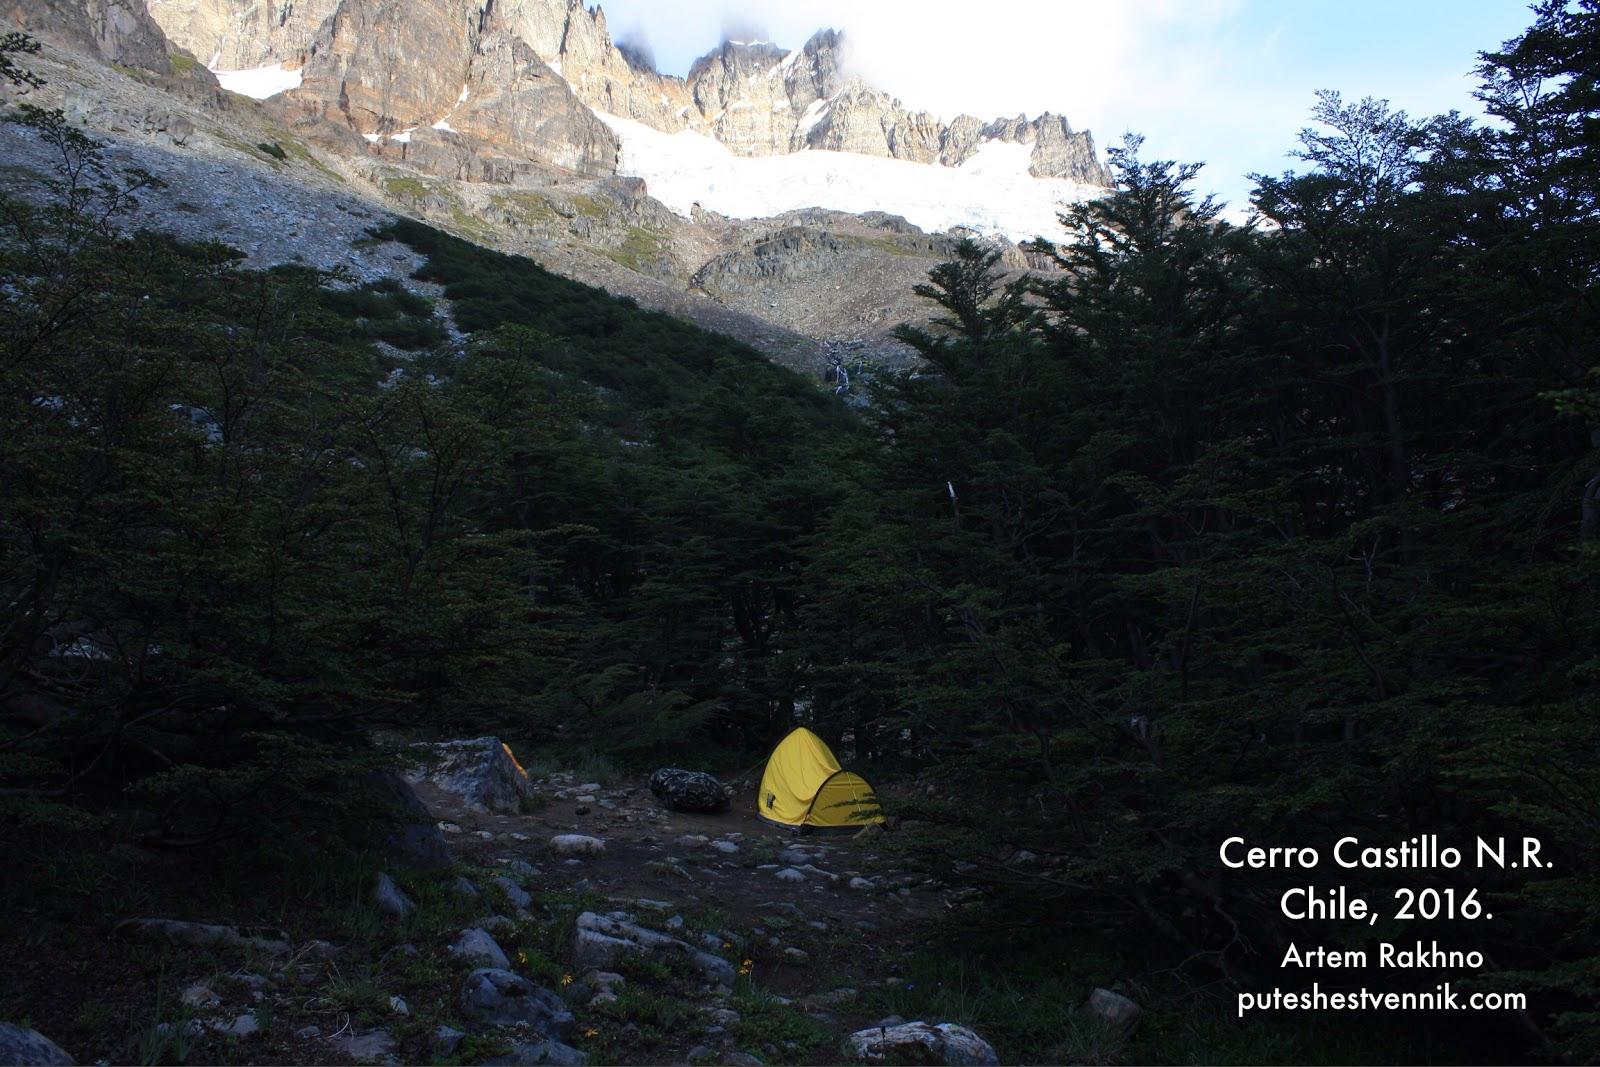 Палатка в лесу возле гор Серро-Кастильо